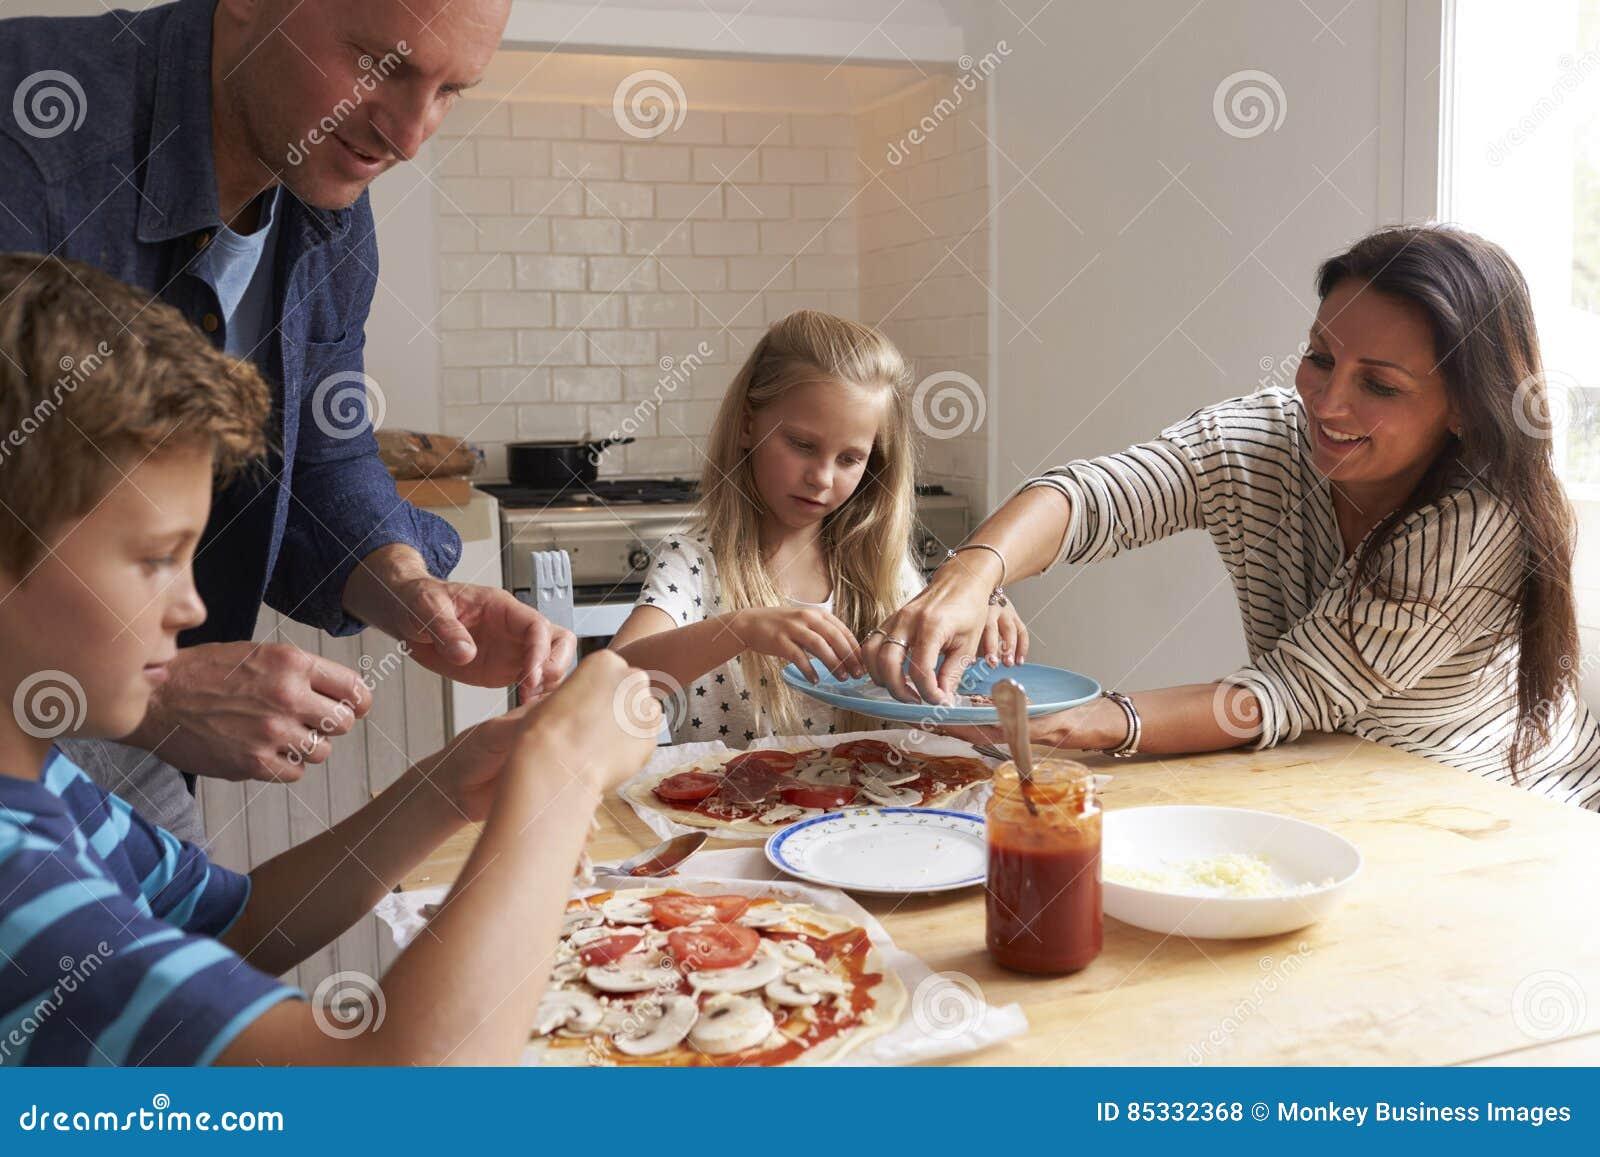 Famille à la maison dans la cuisine faisant des pizzas ensemble